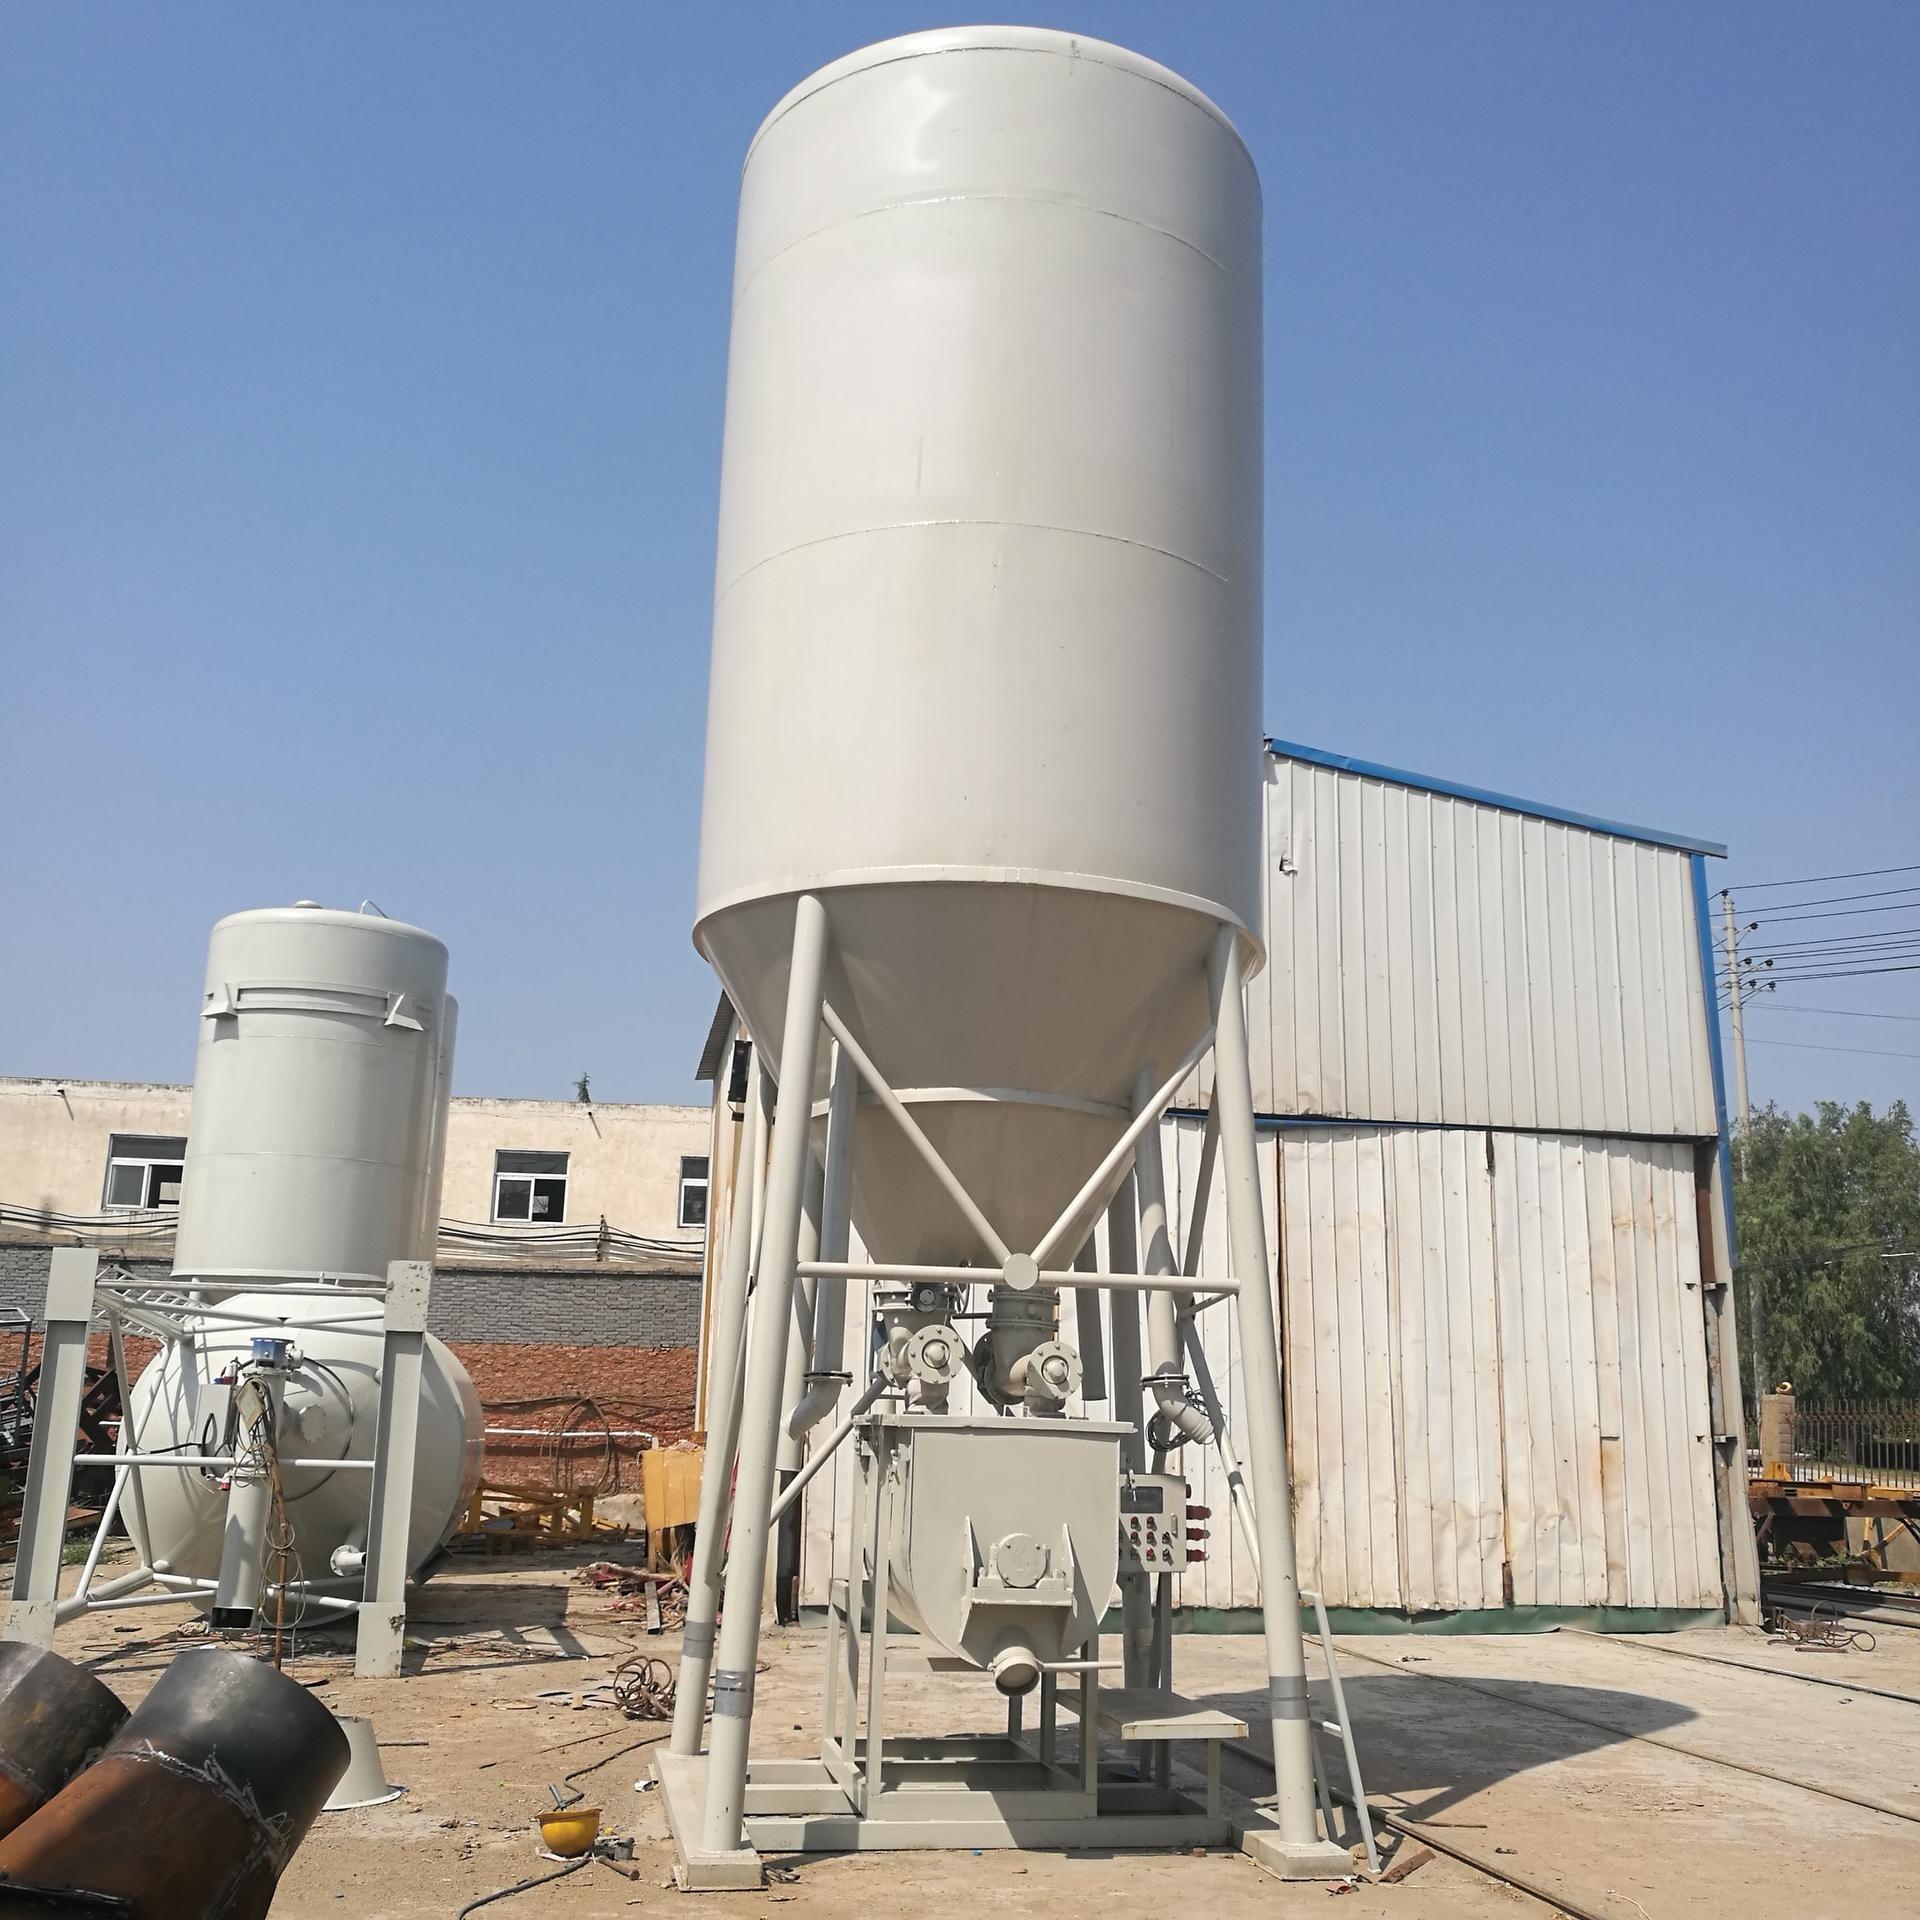 干混砂浆搅拌罐 现货环保工地筑水泥搅拌罐 立式混凝土搅拌罐 24立方图片